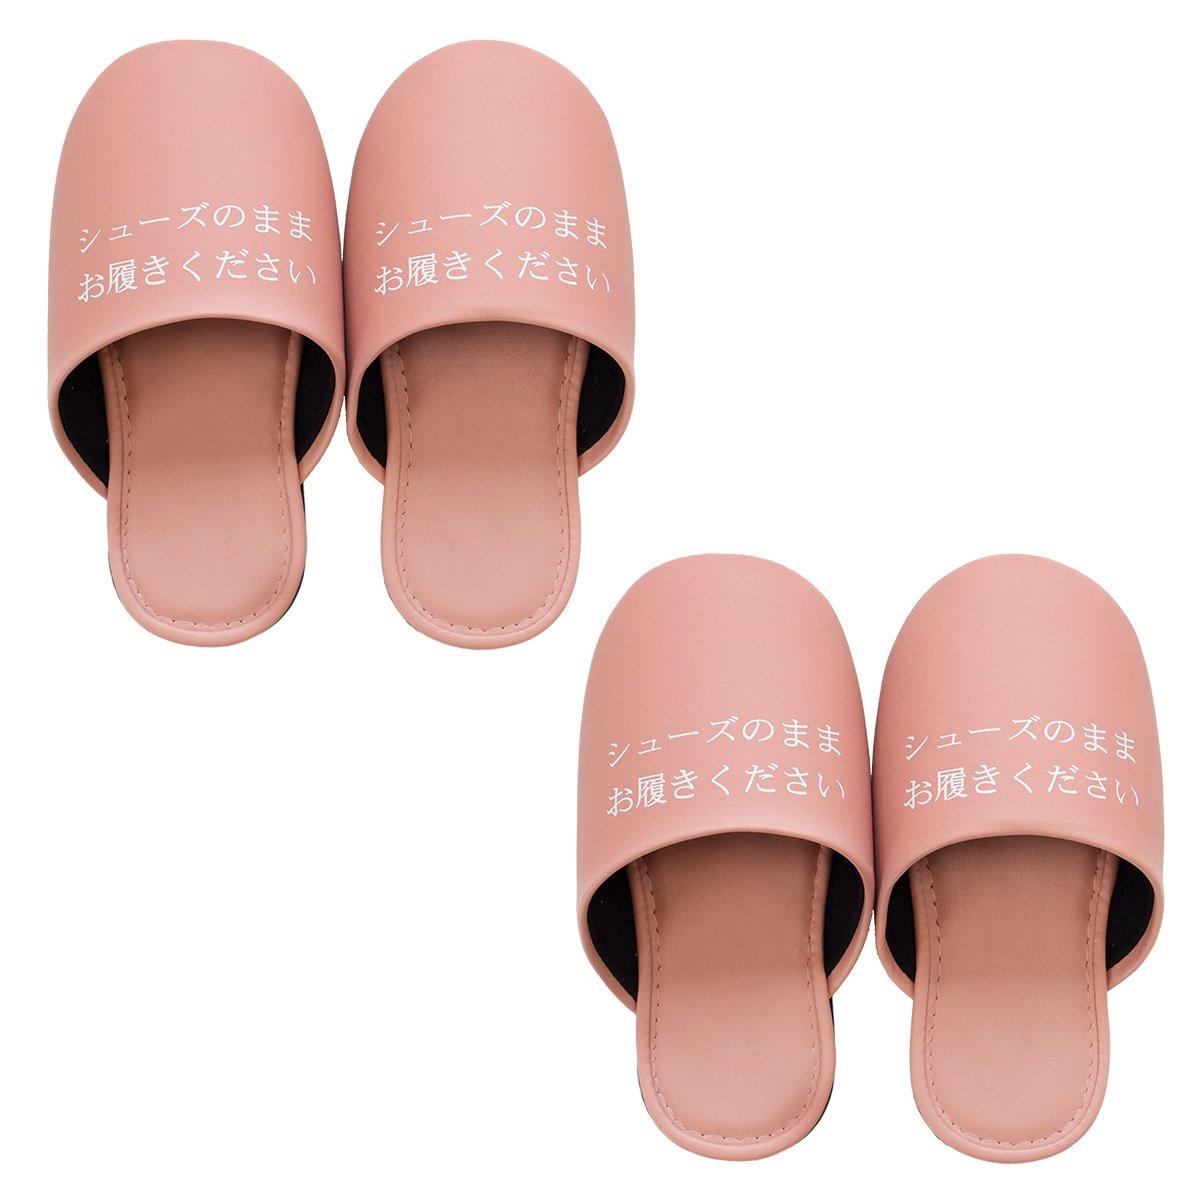 オカ 【靴のままはける】 シューズそのまま スリッパ 2足セット (レディースサイズ, ピンク) B06XC6KSR4 レディースサイズ|ピンク ピンク レディースサイズ